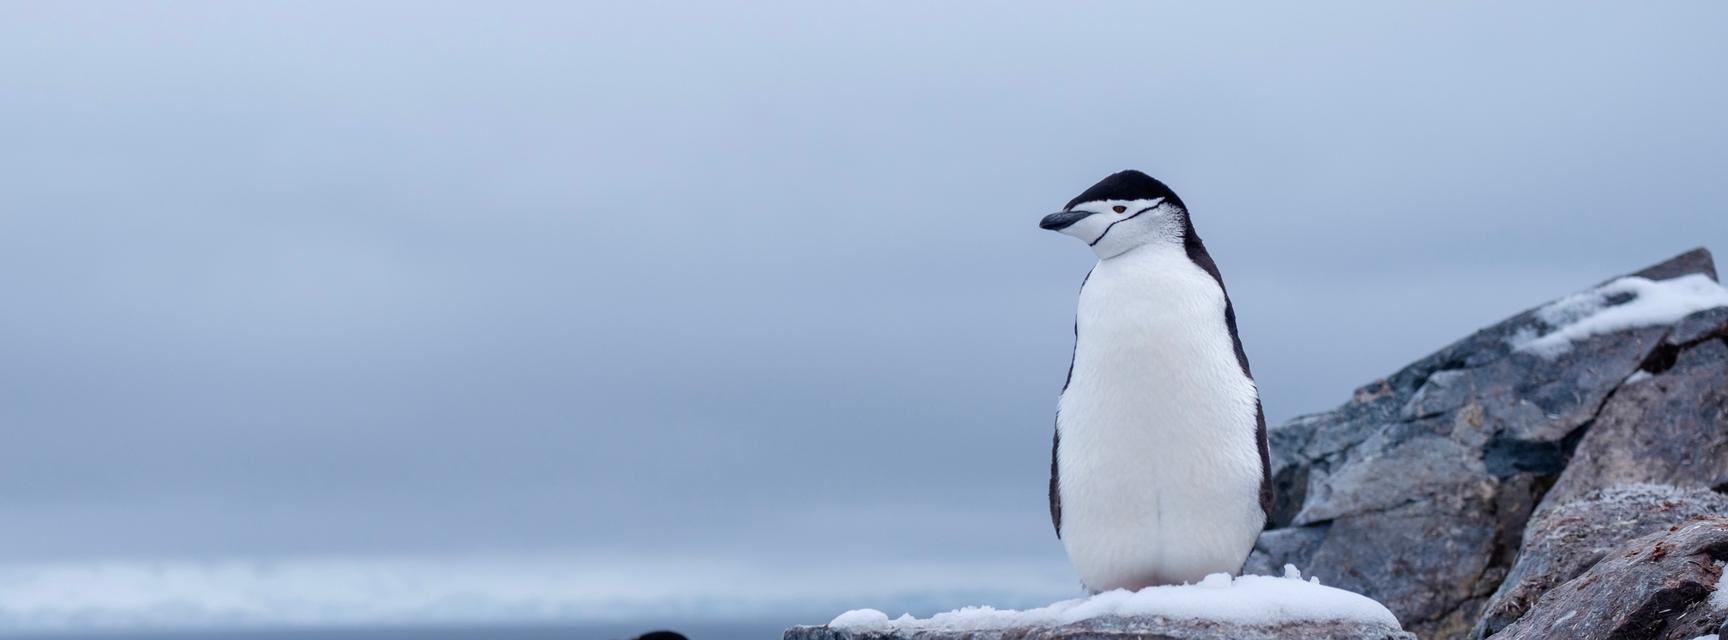 Penguins standing on grey rocks in Antarctica